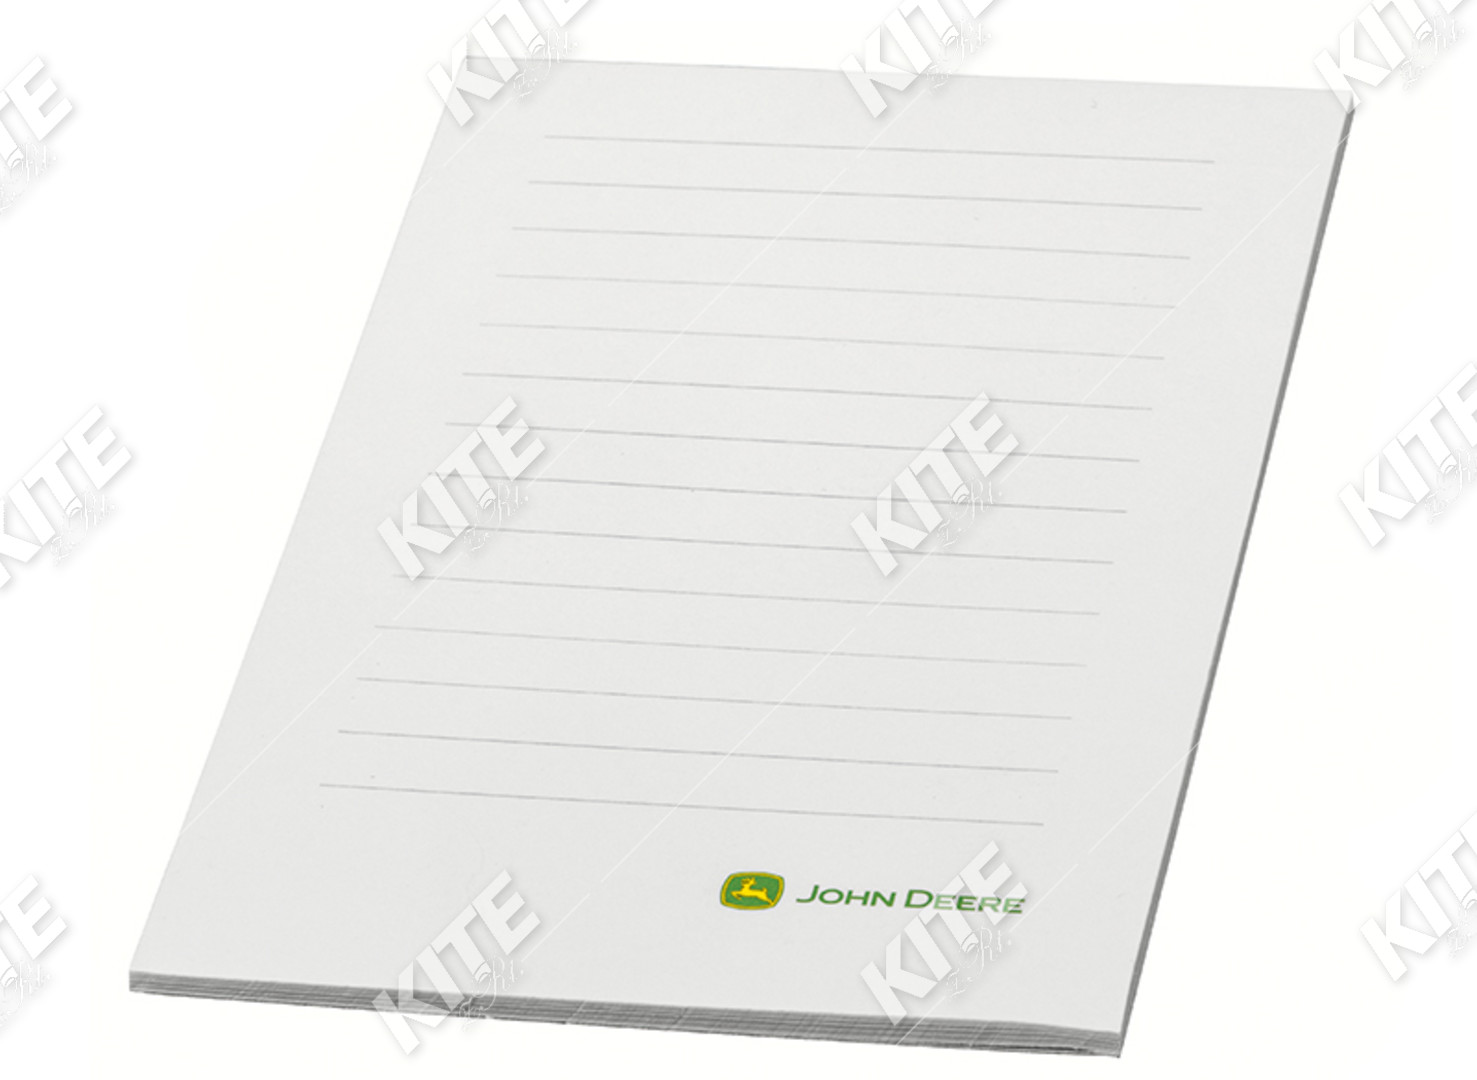 John Deere jegyzetpapír